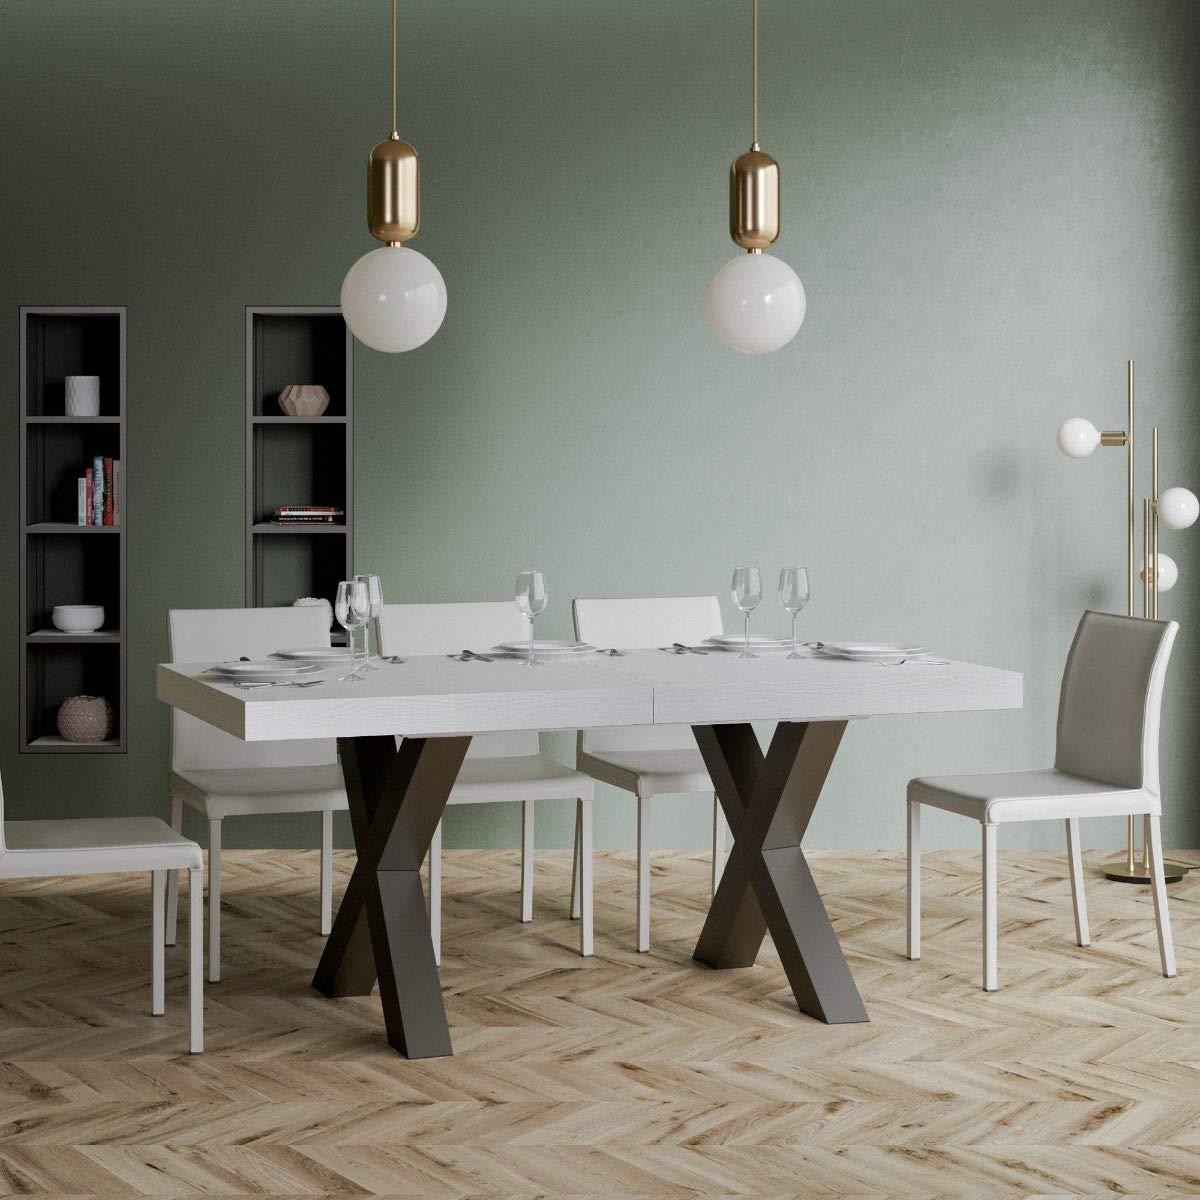 Tavolo Bianco In Legno itamoby, tavolo allungabile traffic 160->420 cm, legno in bianco frassino e  telaio in antracite l.160 p.90 h.77 (allungabile fino a l.420 con cinque